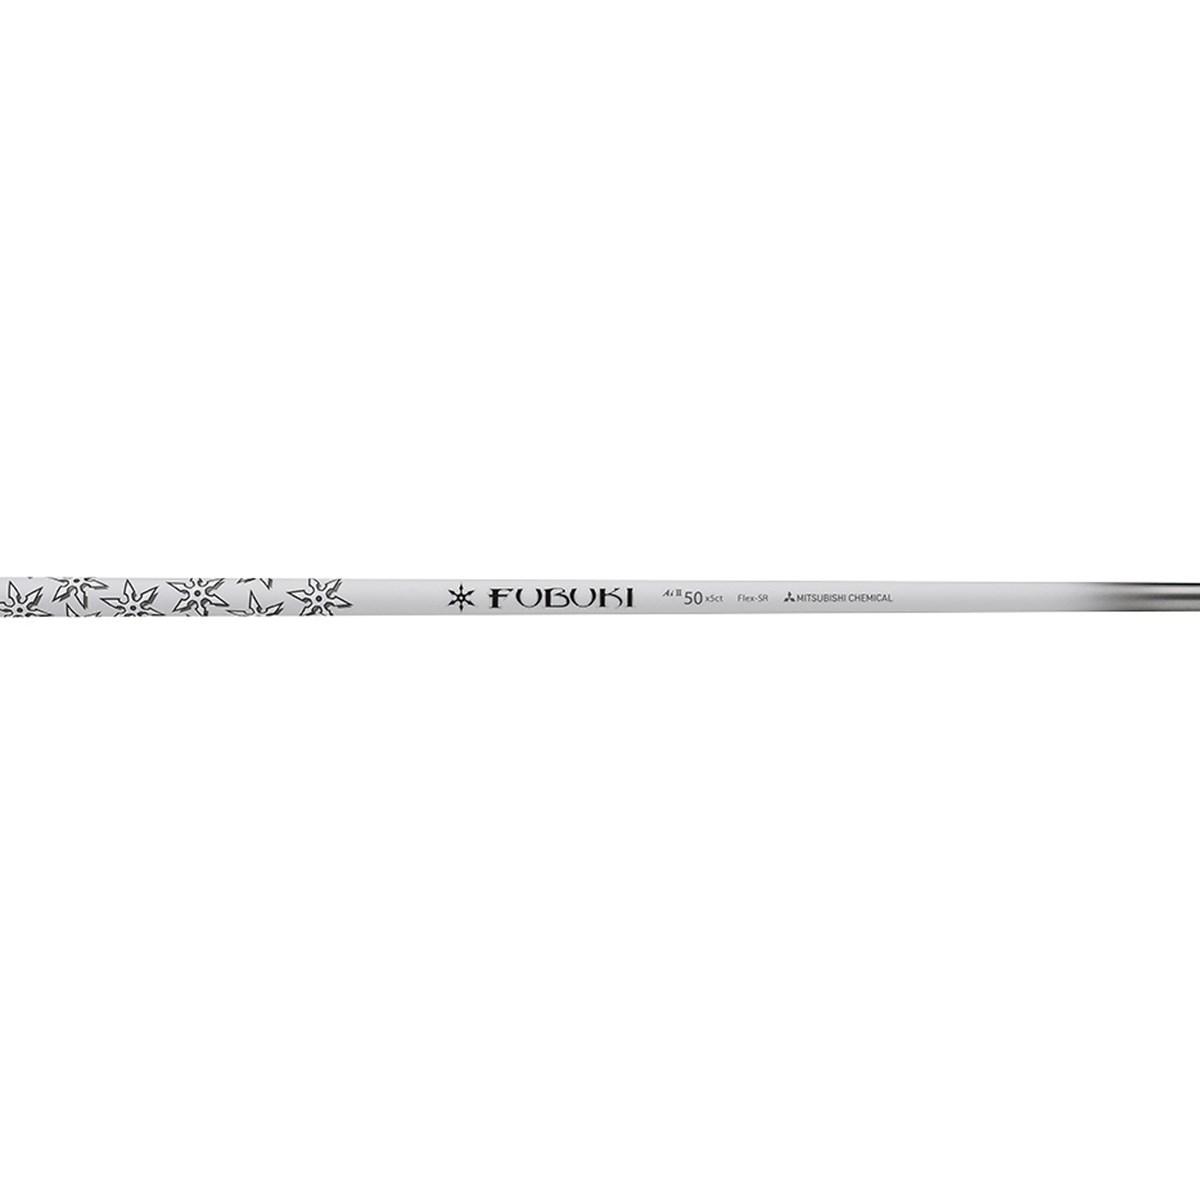 ヤマハ(YAMAHA) RMX 2018年モデル ドライバー用 FUBUKI Ai II 50 スリーブ付きシャフト